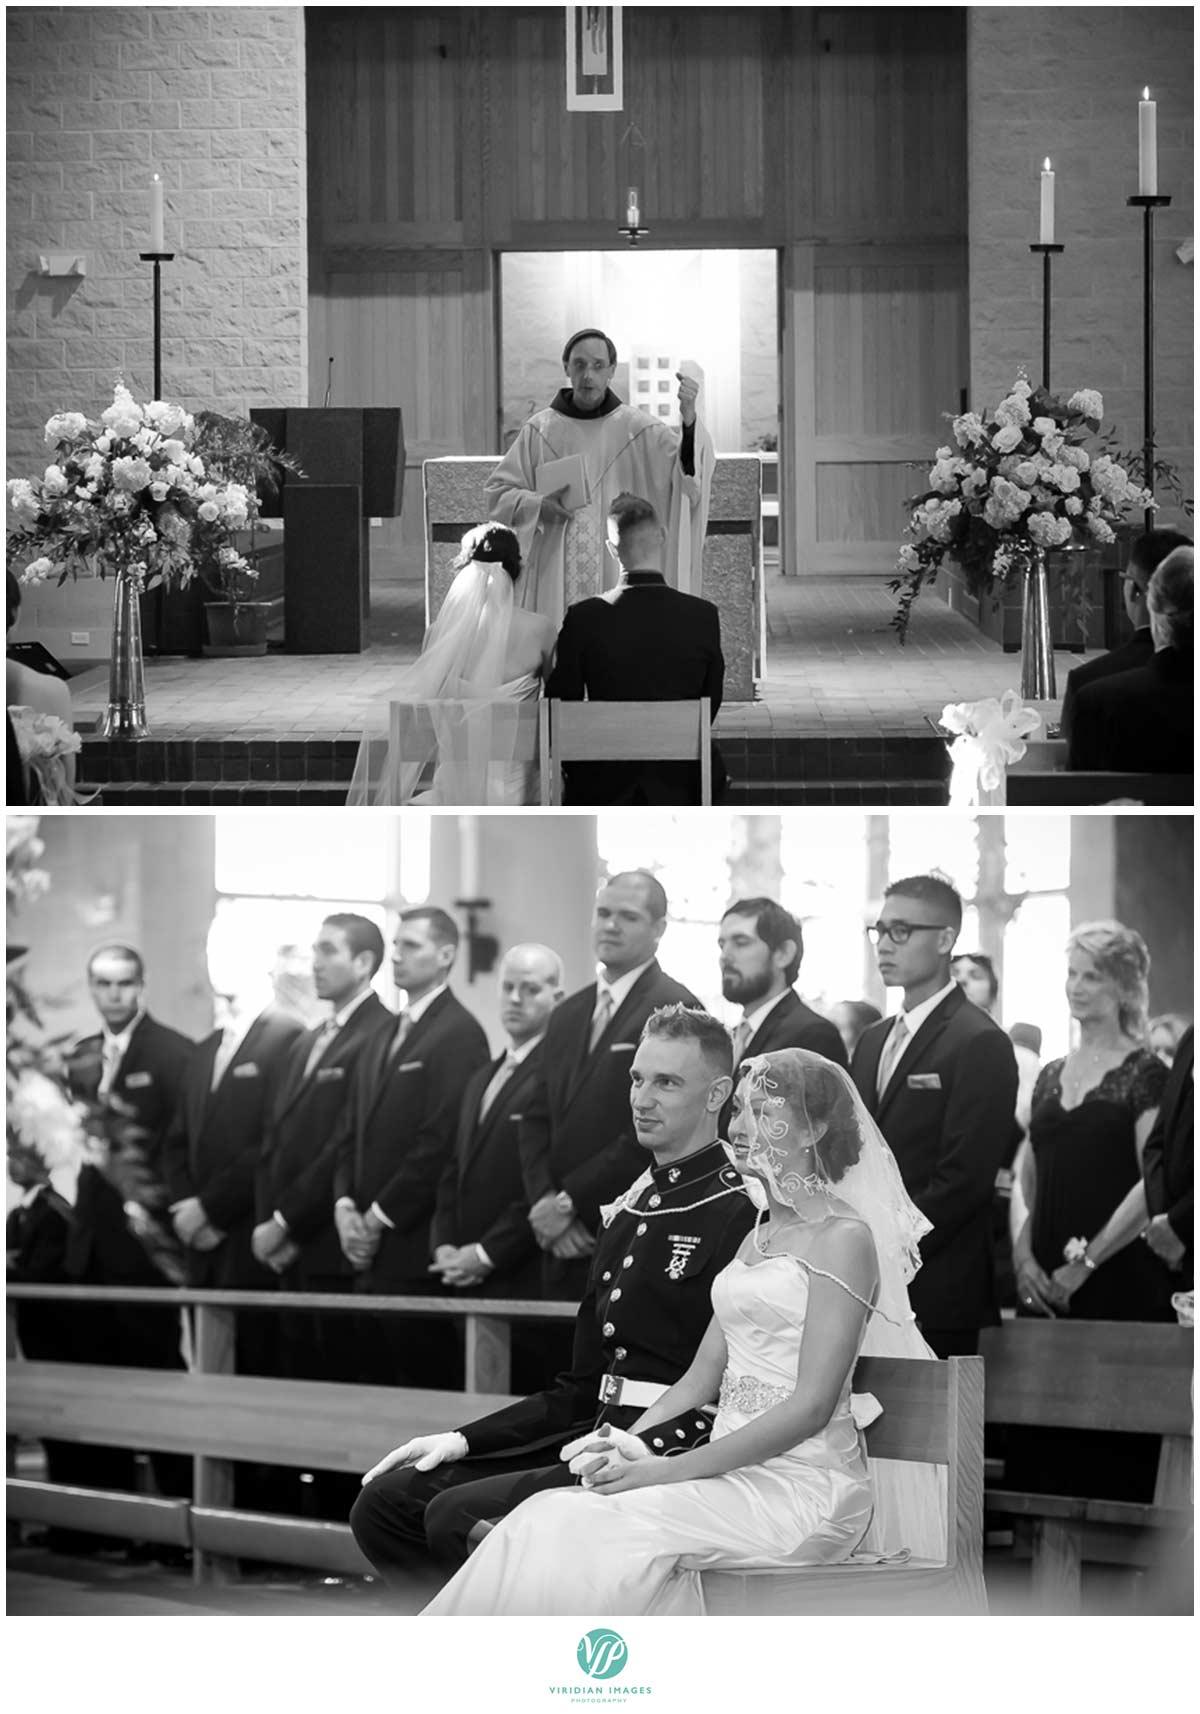 Durham_Wedding_Viridian_Images_photo_9